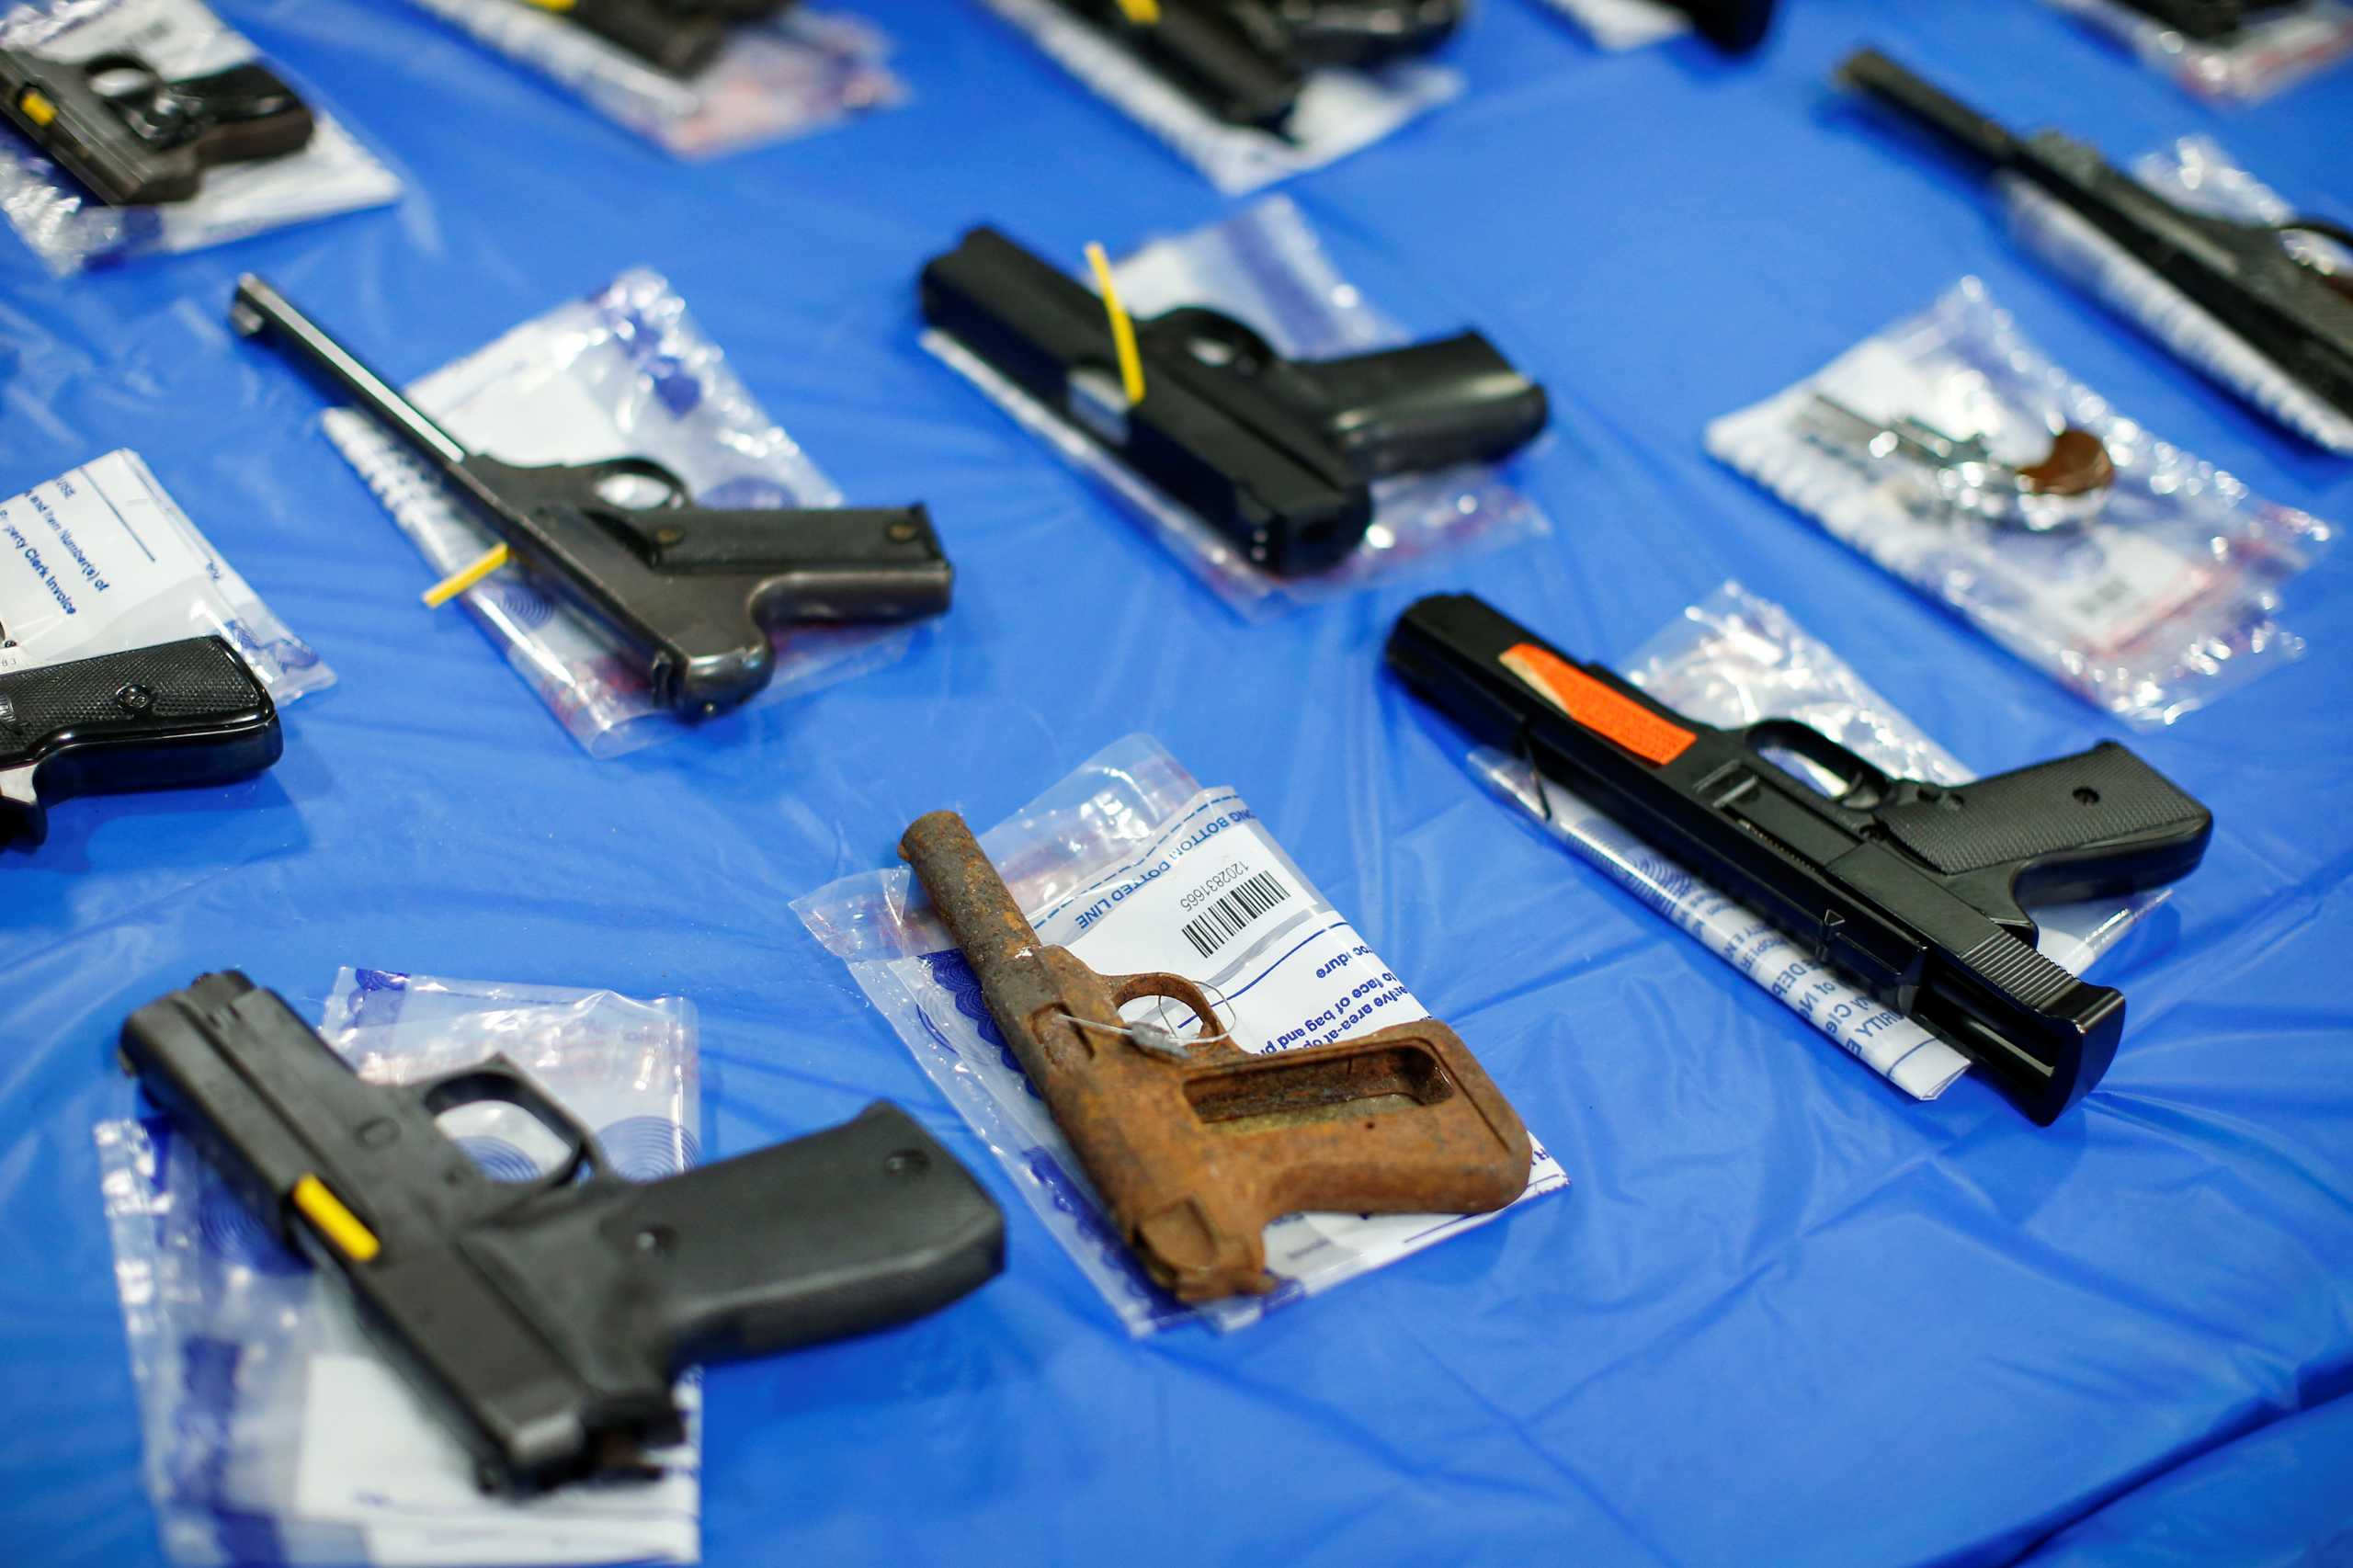 Τέξας: Δημόσια οπλοφορία χωρίς άδεια και με τη βούλα